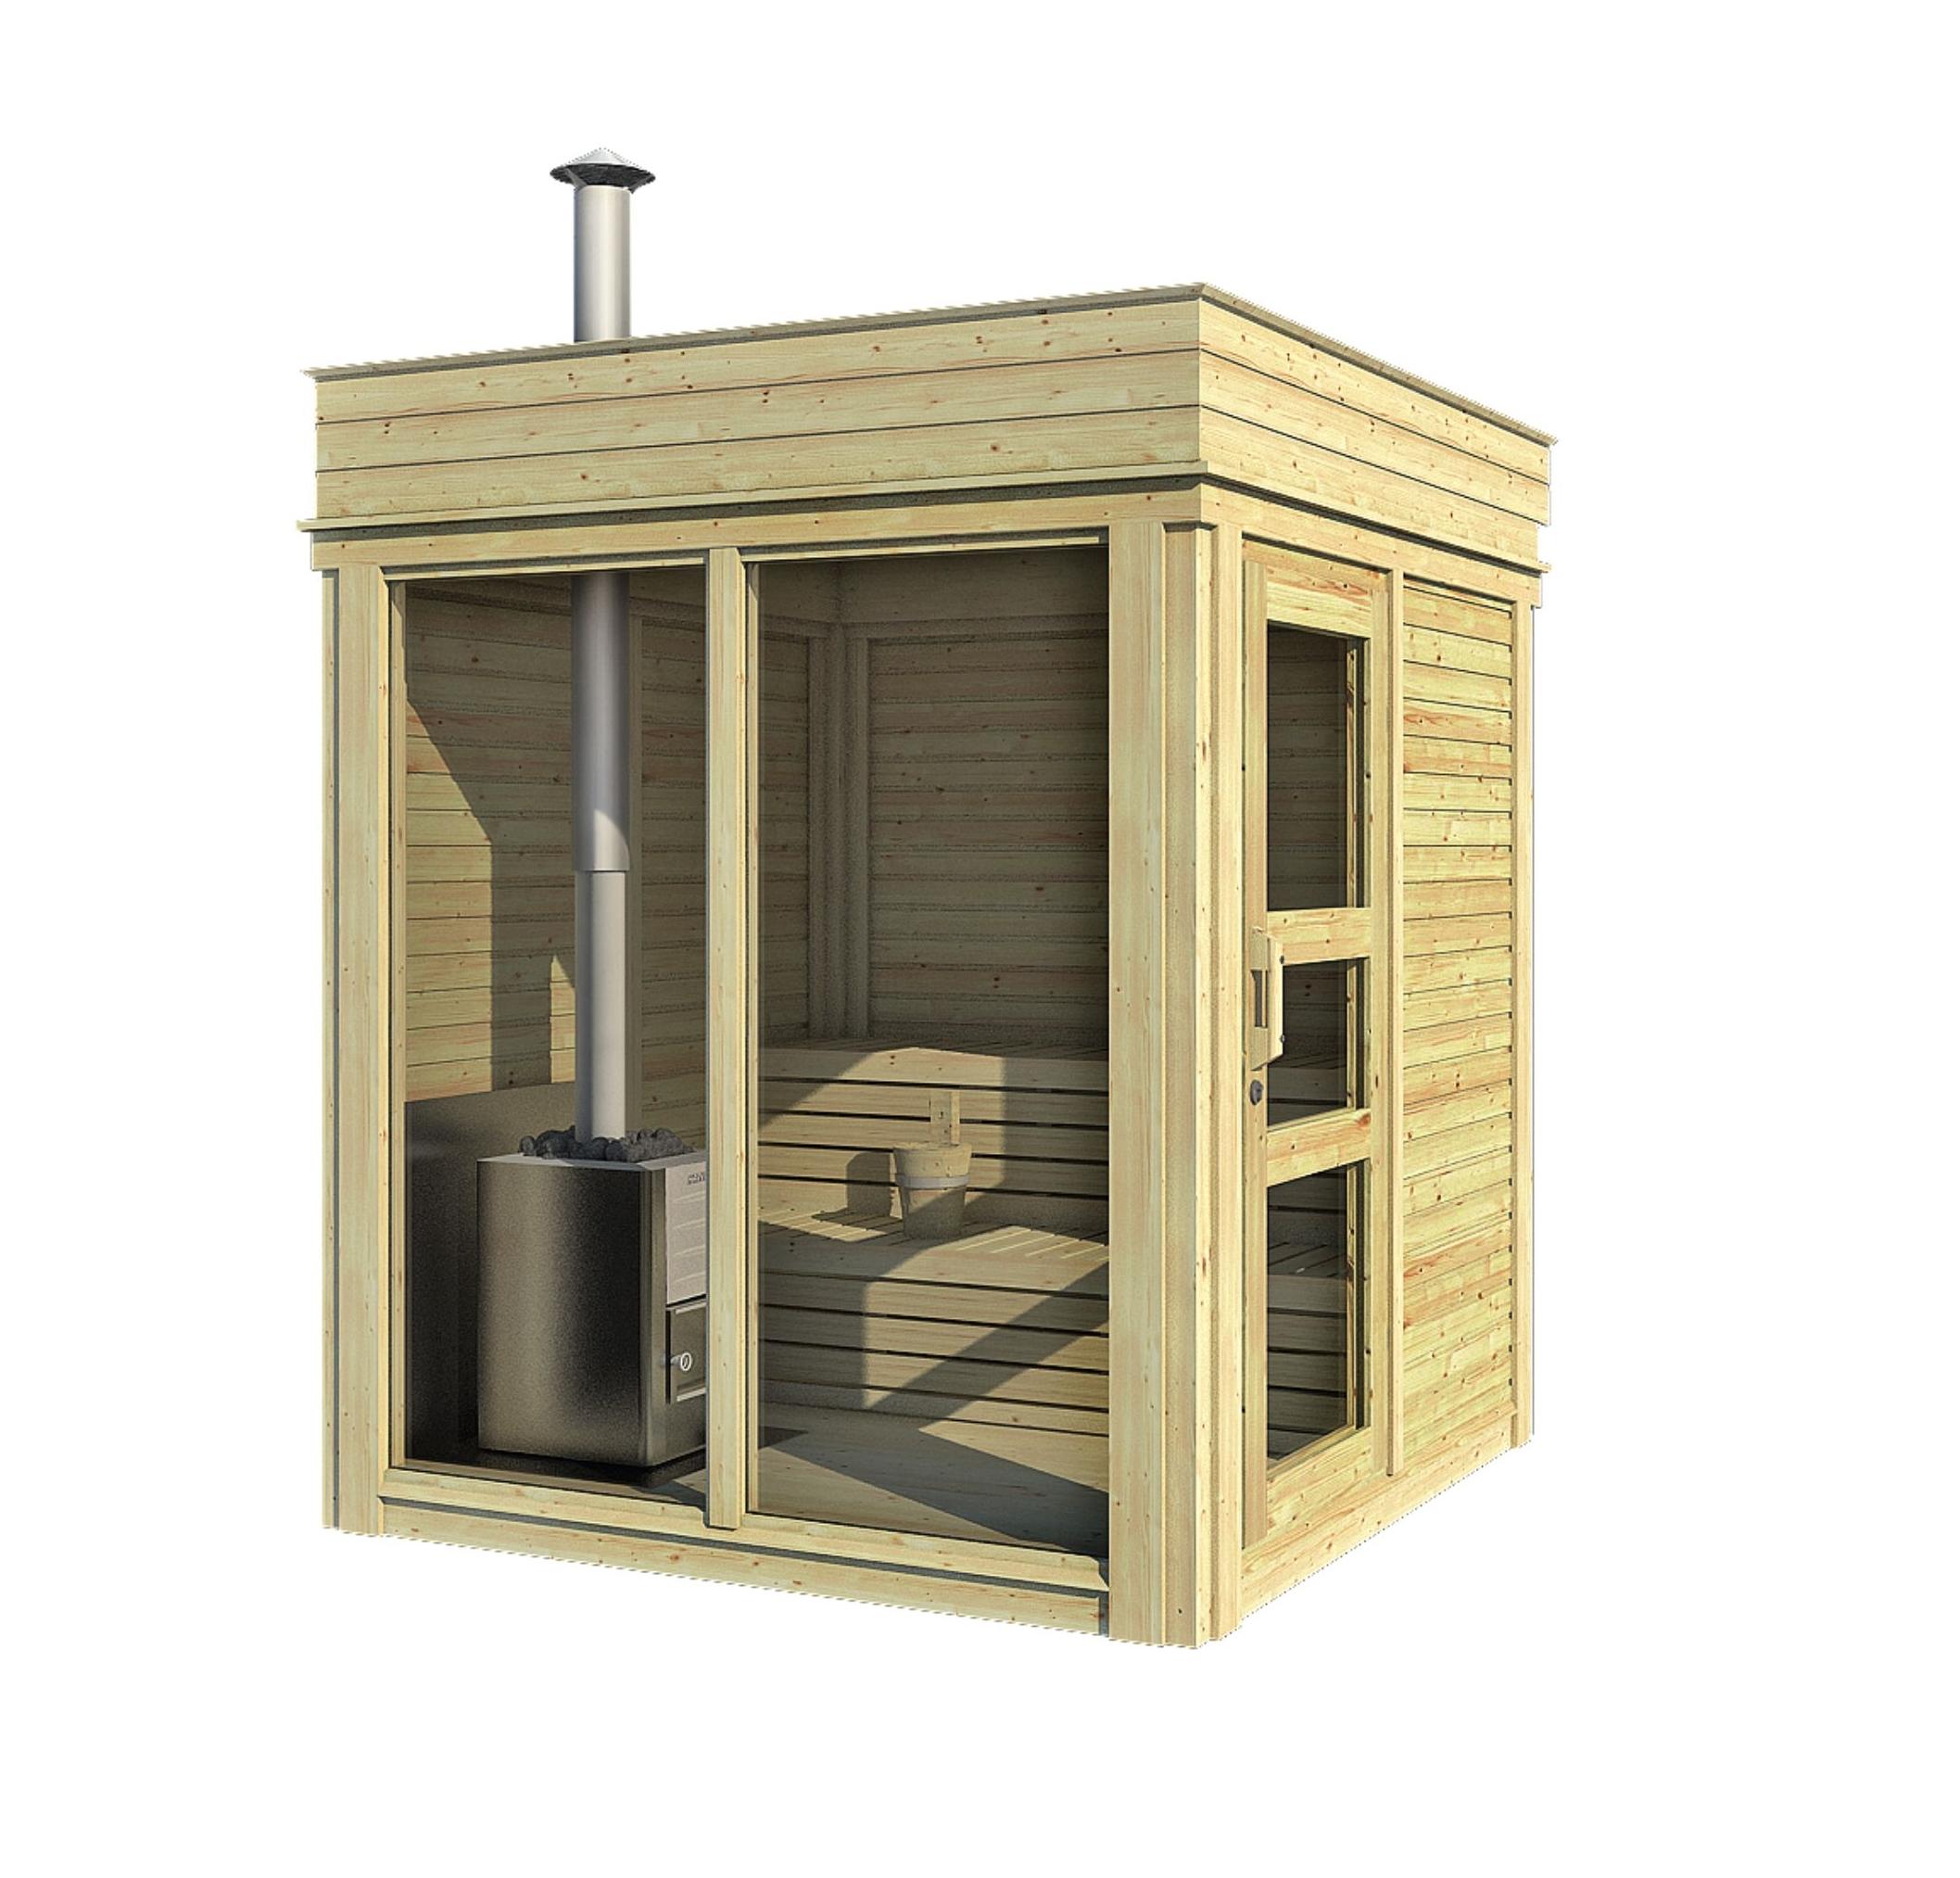 Full Size of Gartensauna Bausatz Sauna Cube 2 M Wohnzimmer Gartensauna Bausatz